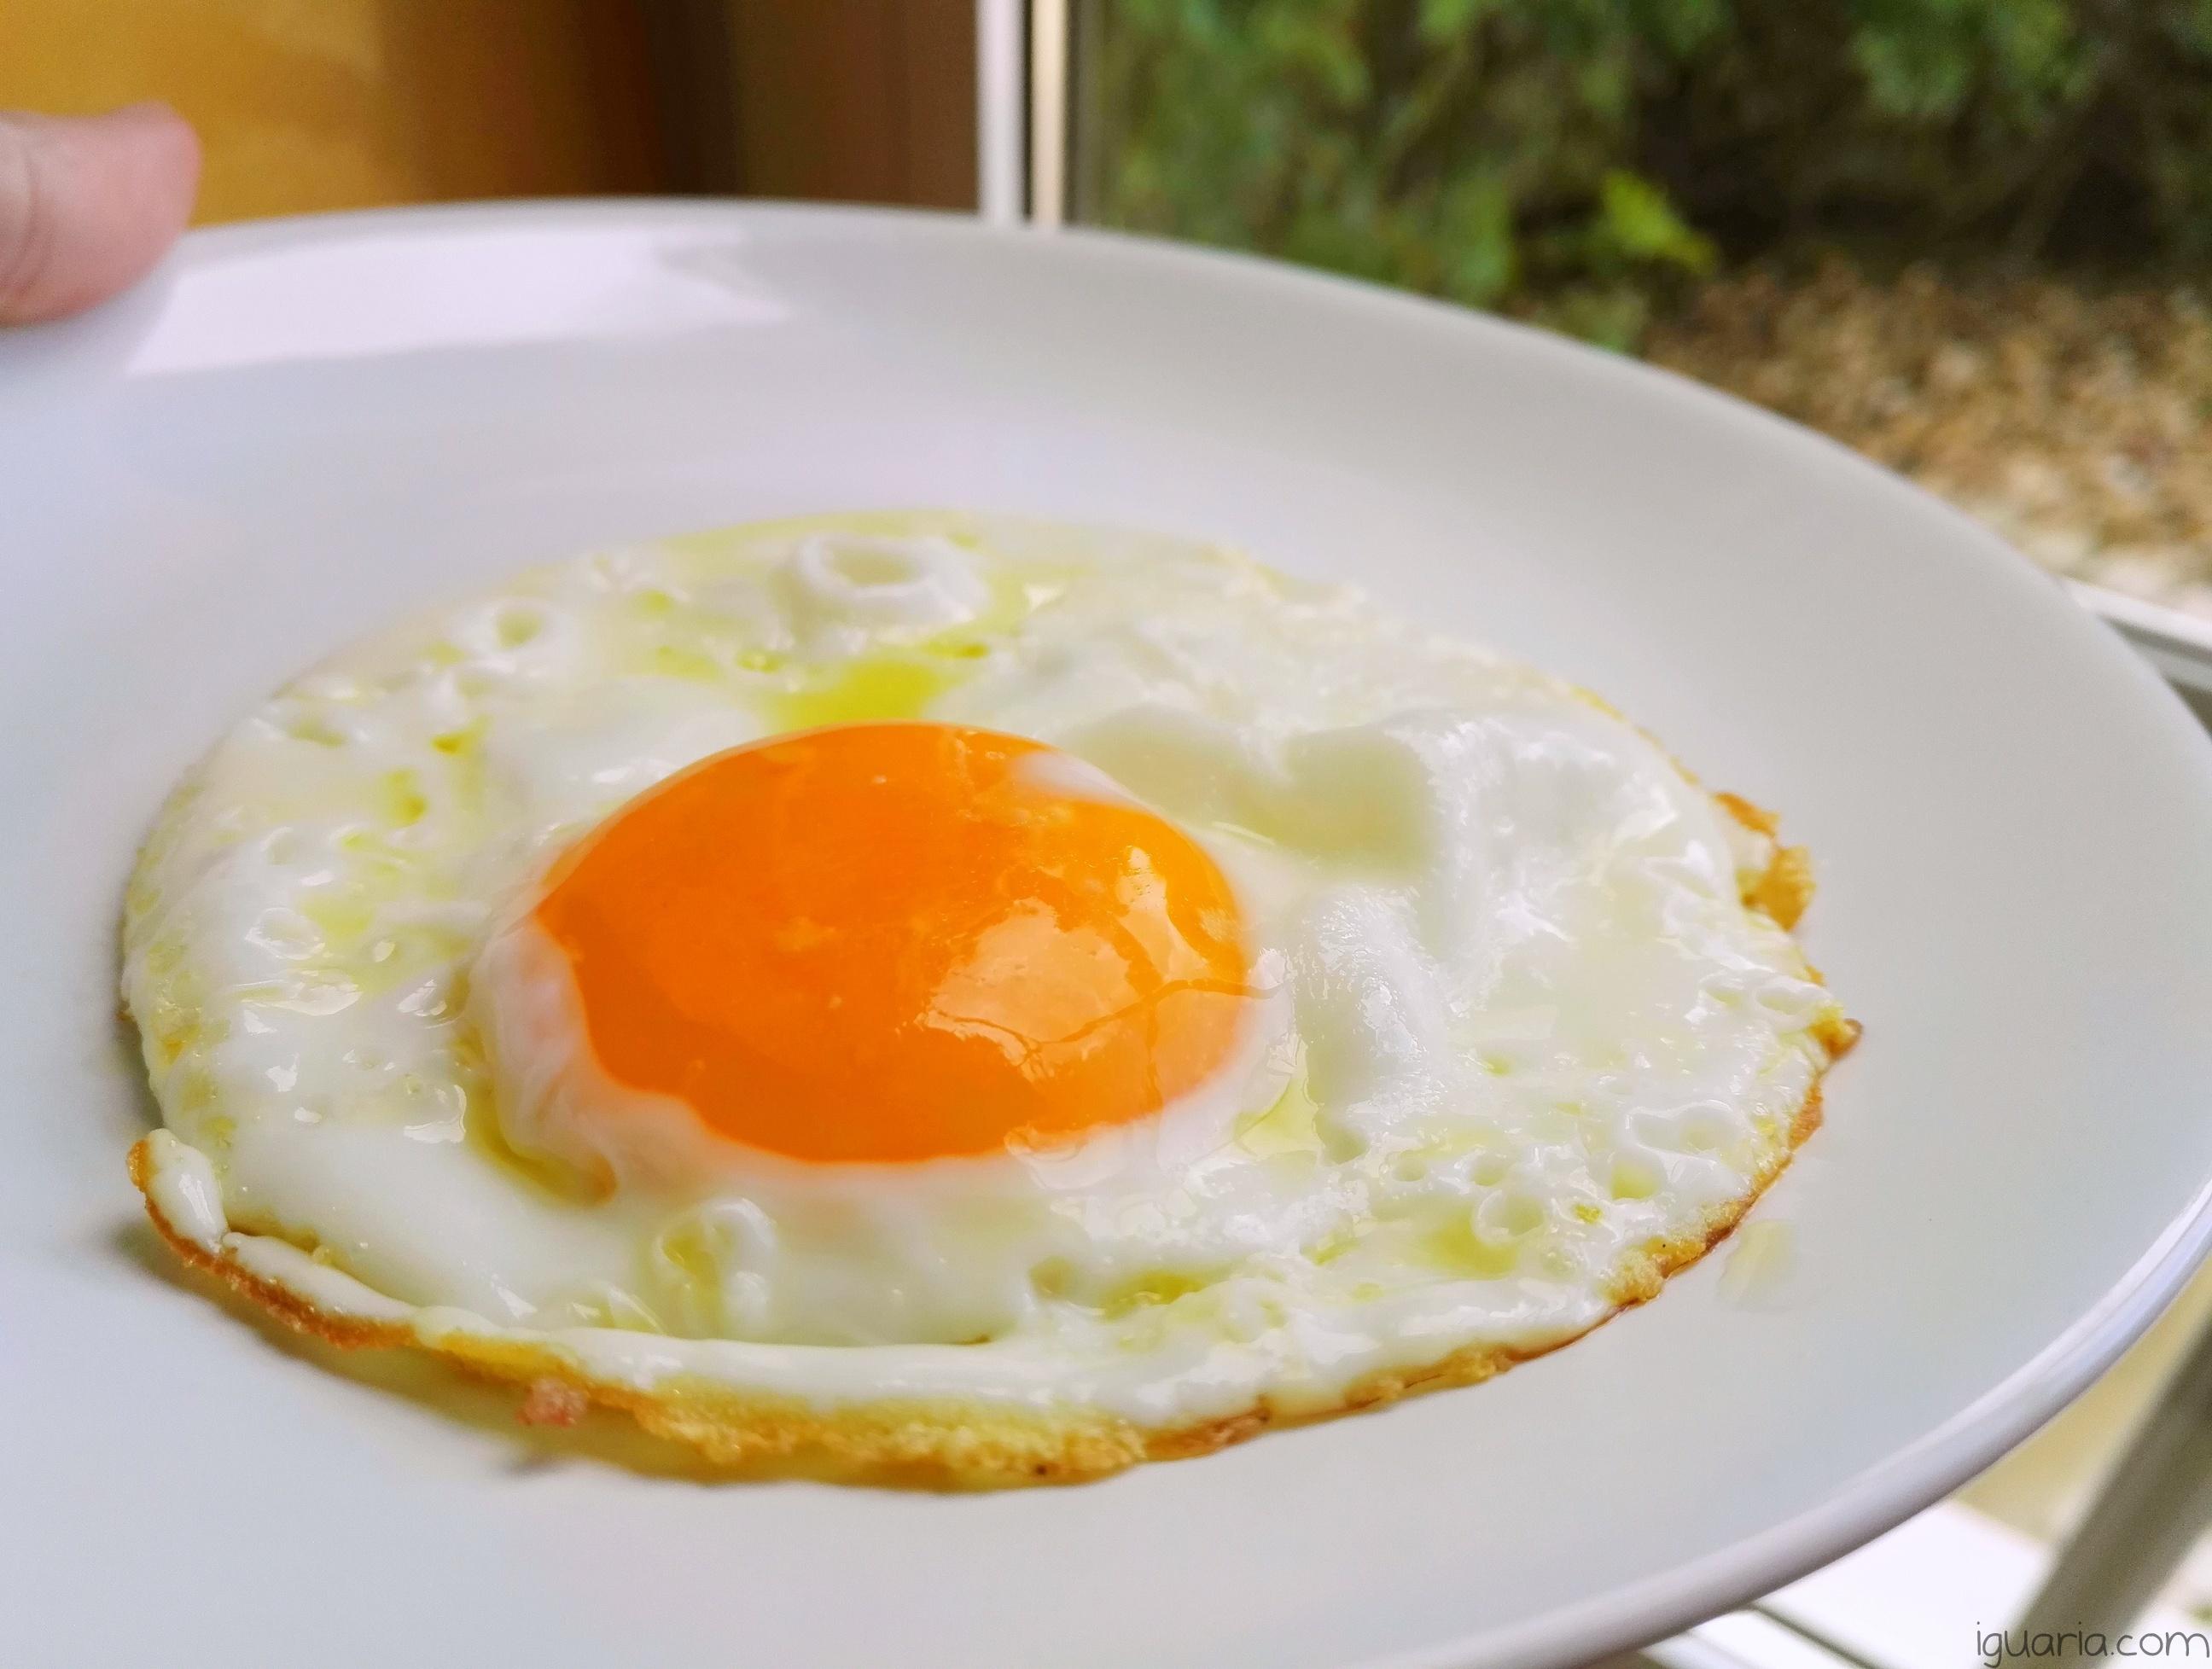 iguaria_como-fazer-um-ovo-estrelado